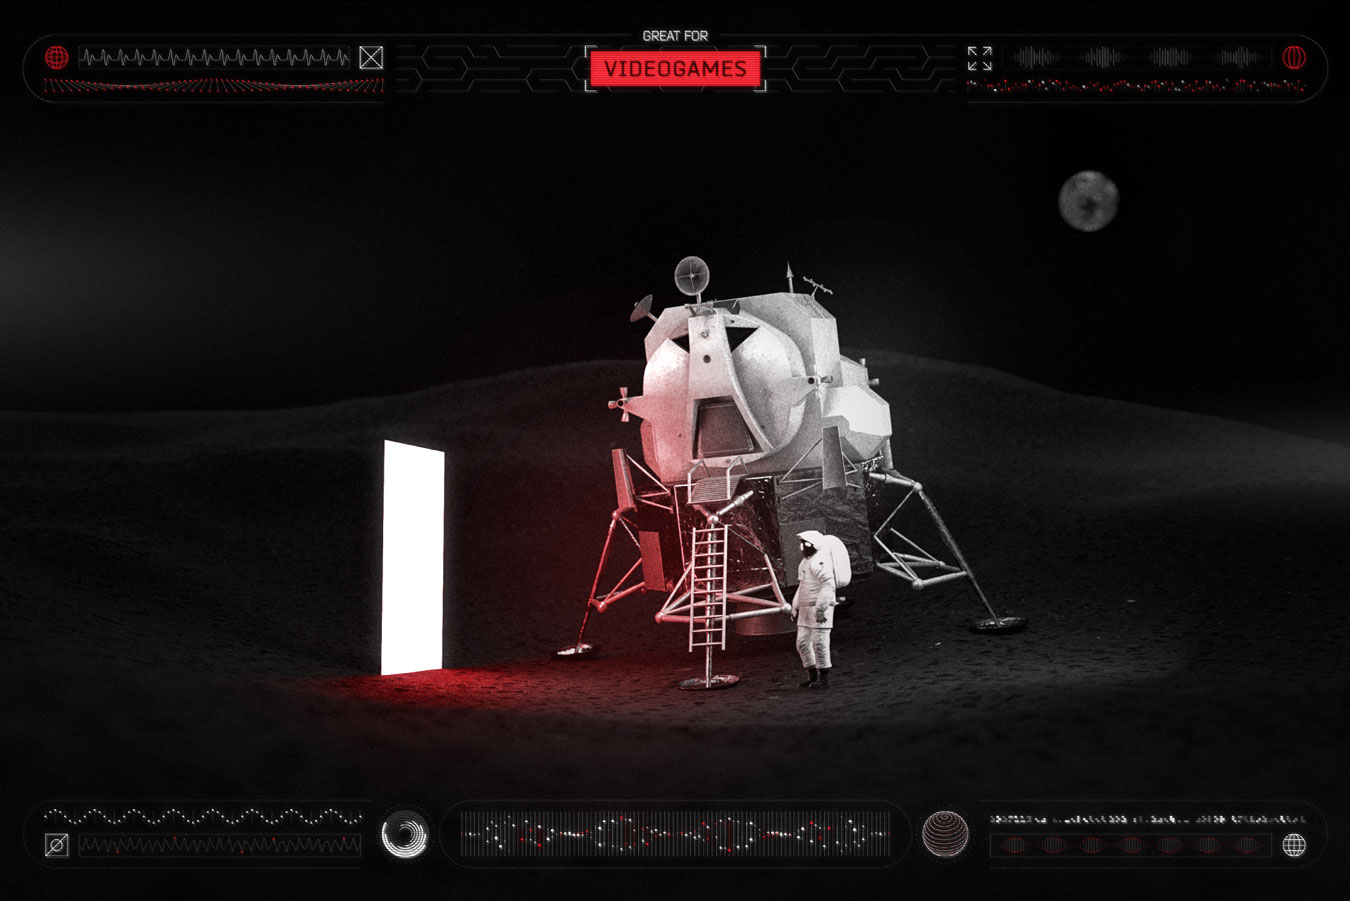 超炫酷科幻航空航天数据信息HUD仪表盘UI设计模板套件 Futuristic UI Kit • 200+ Design Elements插图(14)